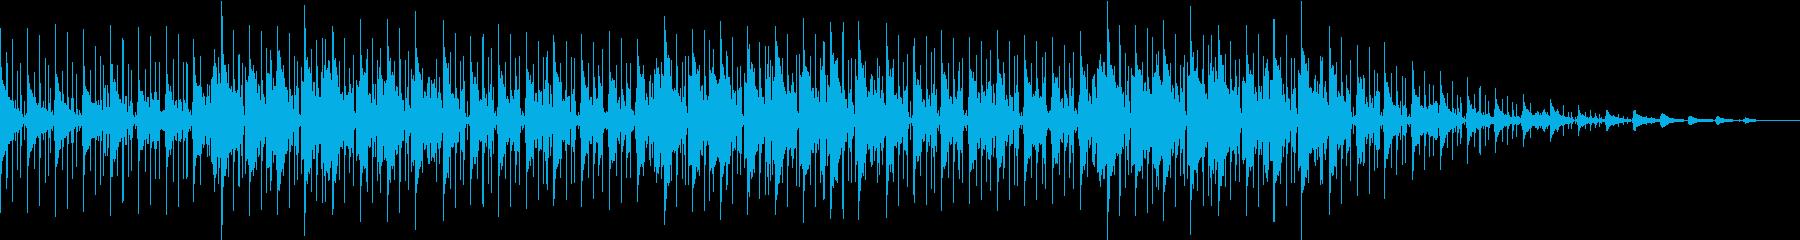 スロウジャズ:お酒のシーンに合う曲_6の再生済みの波形